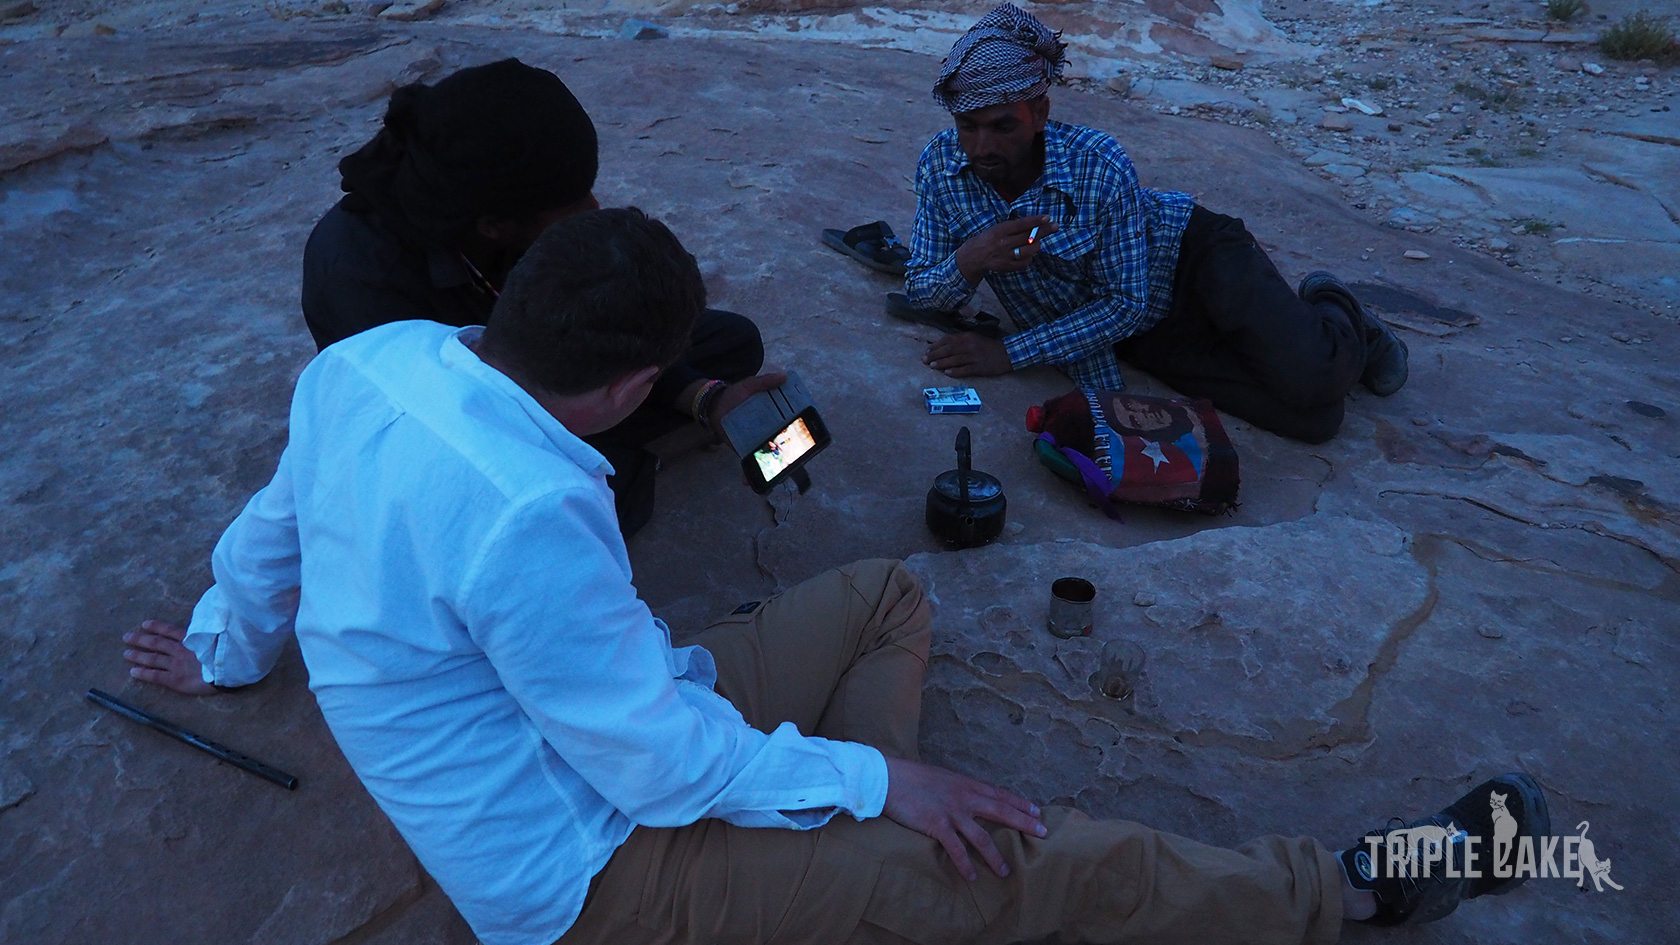 Z Nabatejczykami / With Nabateans